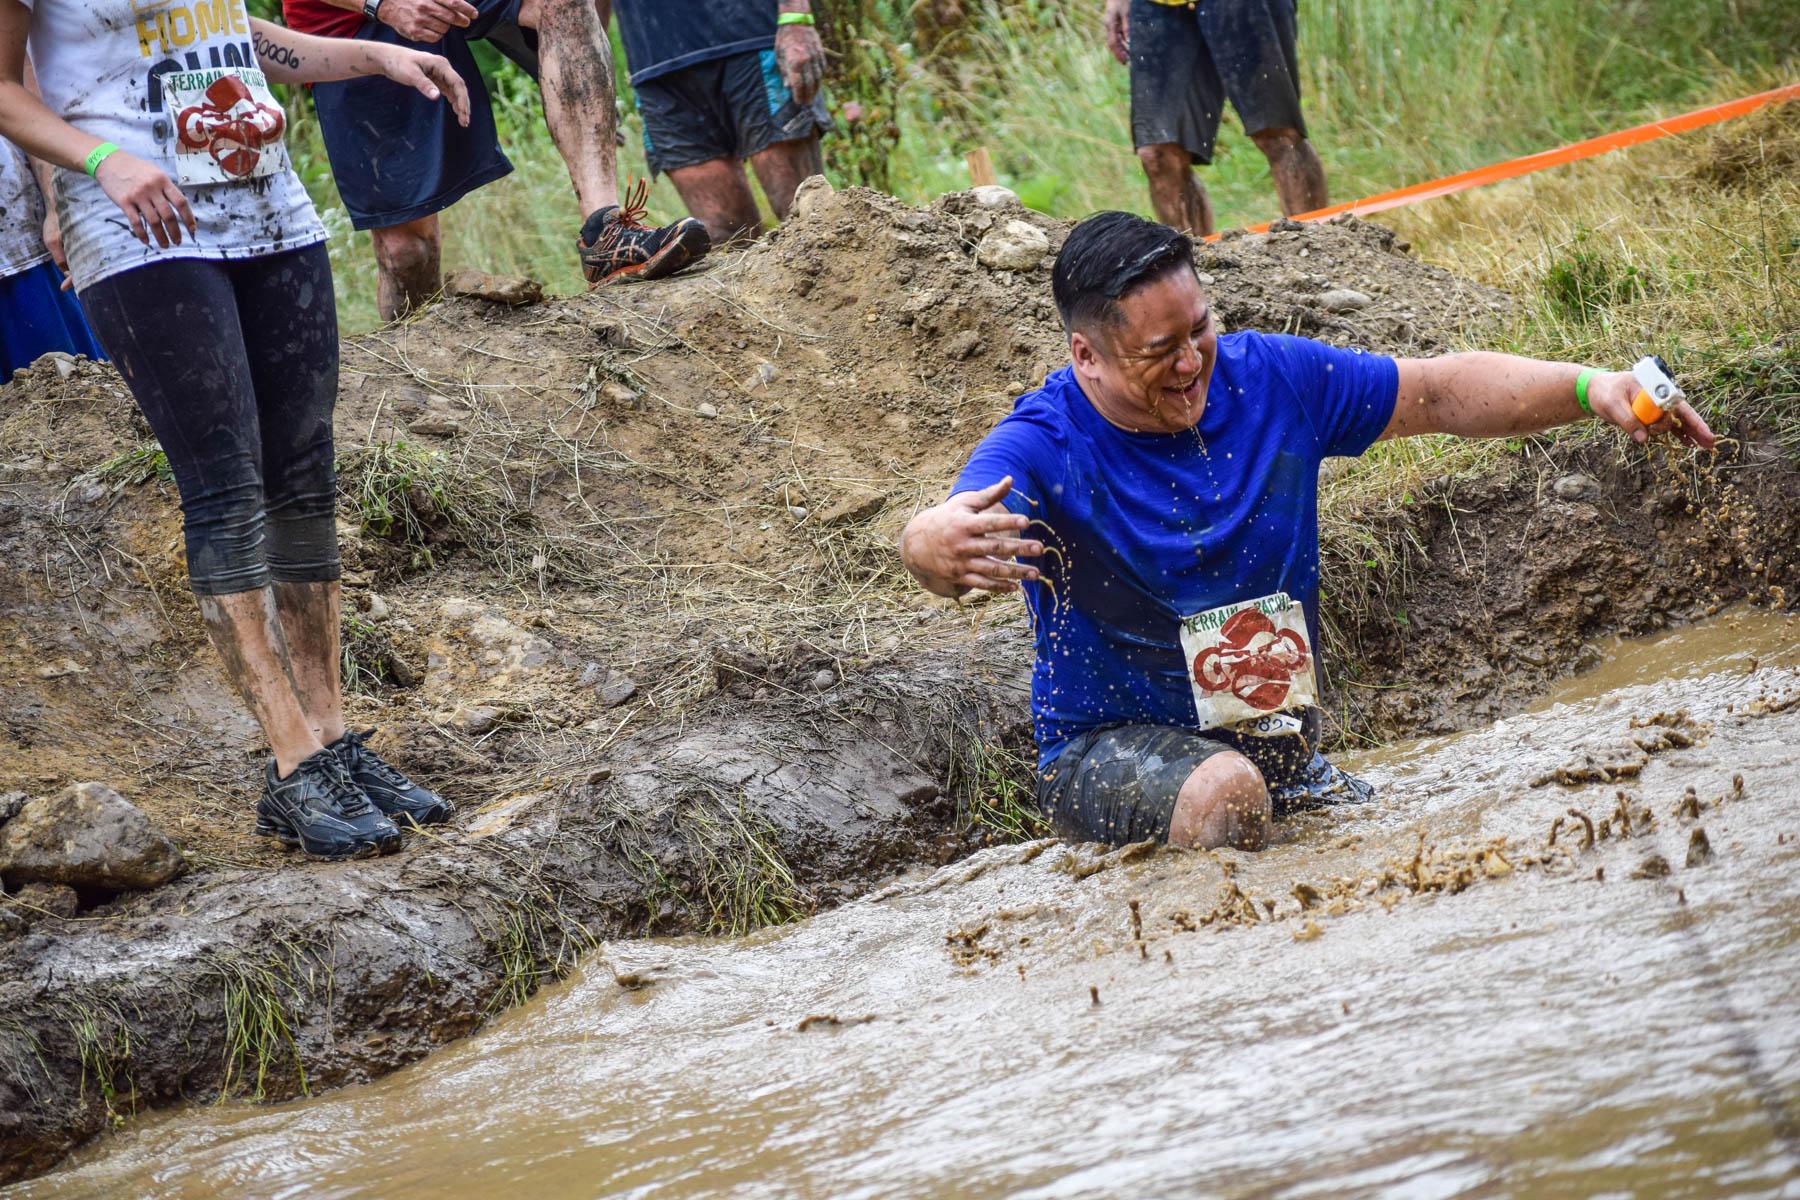 Terrain Racing's mud run!